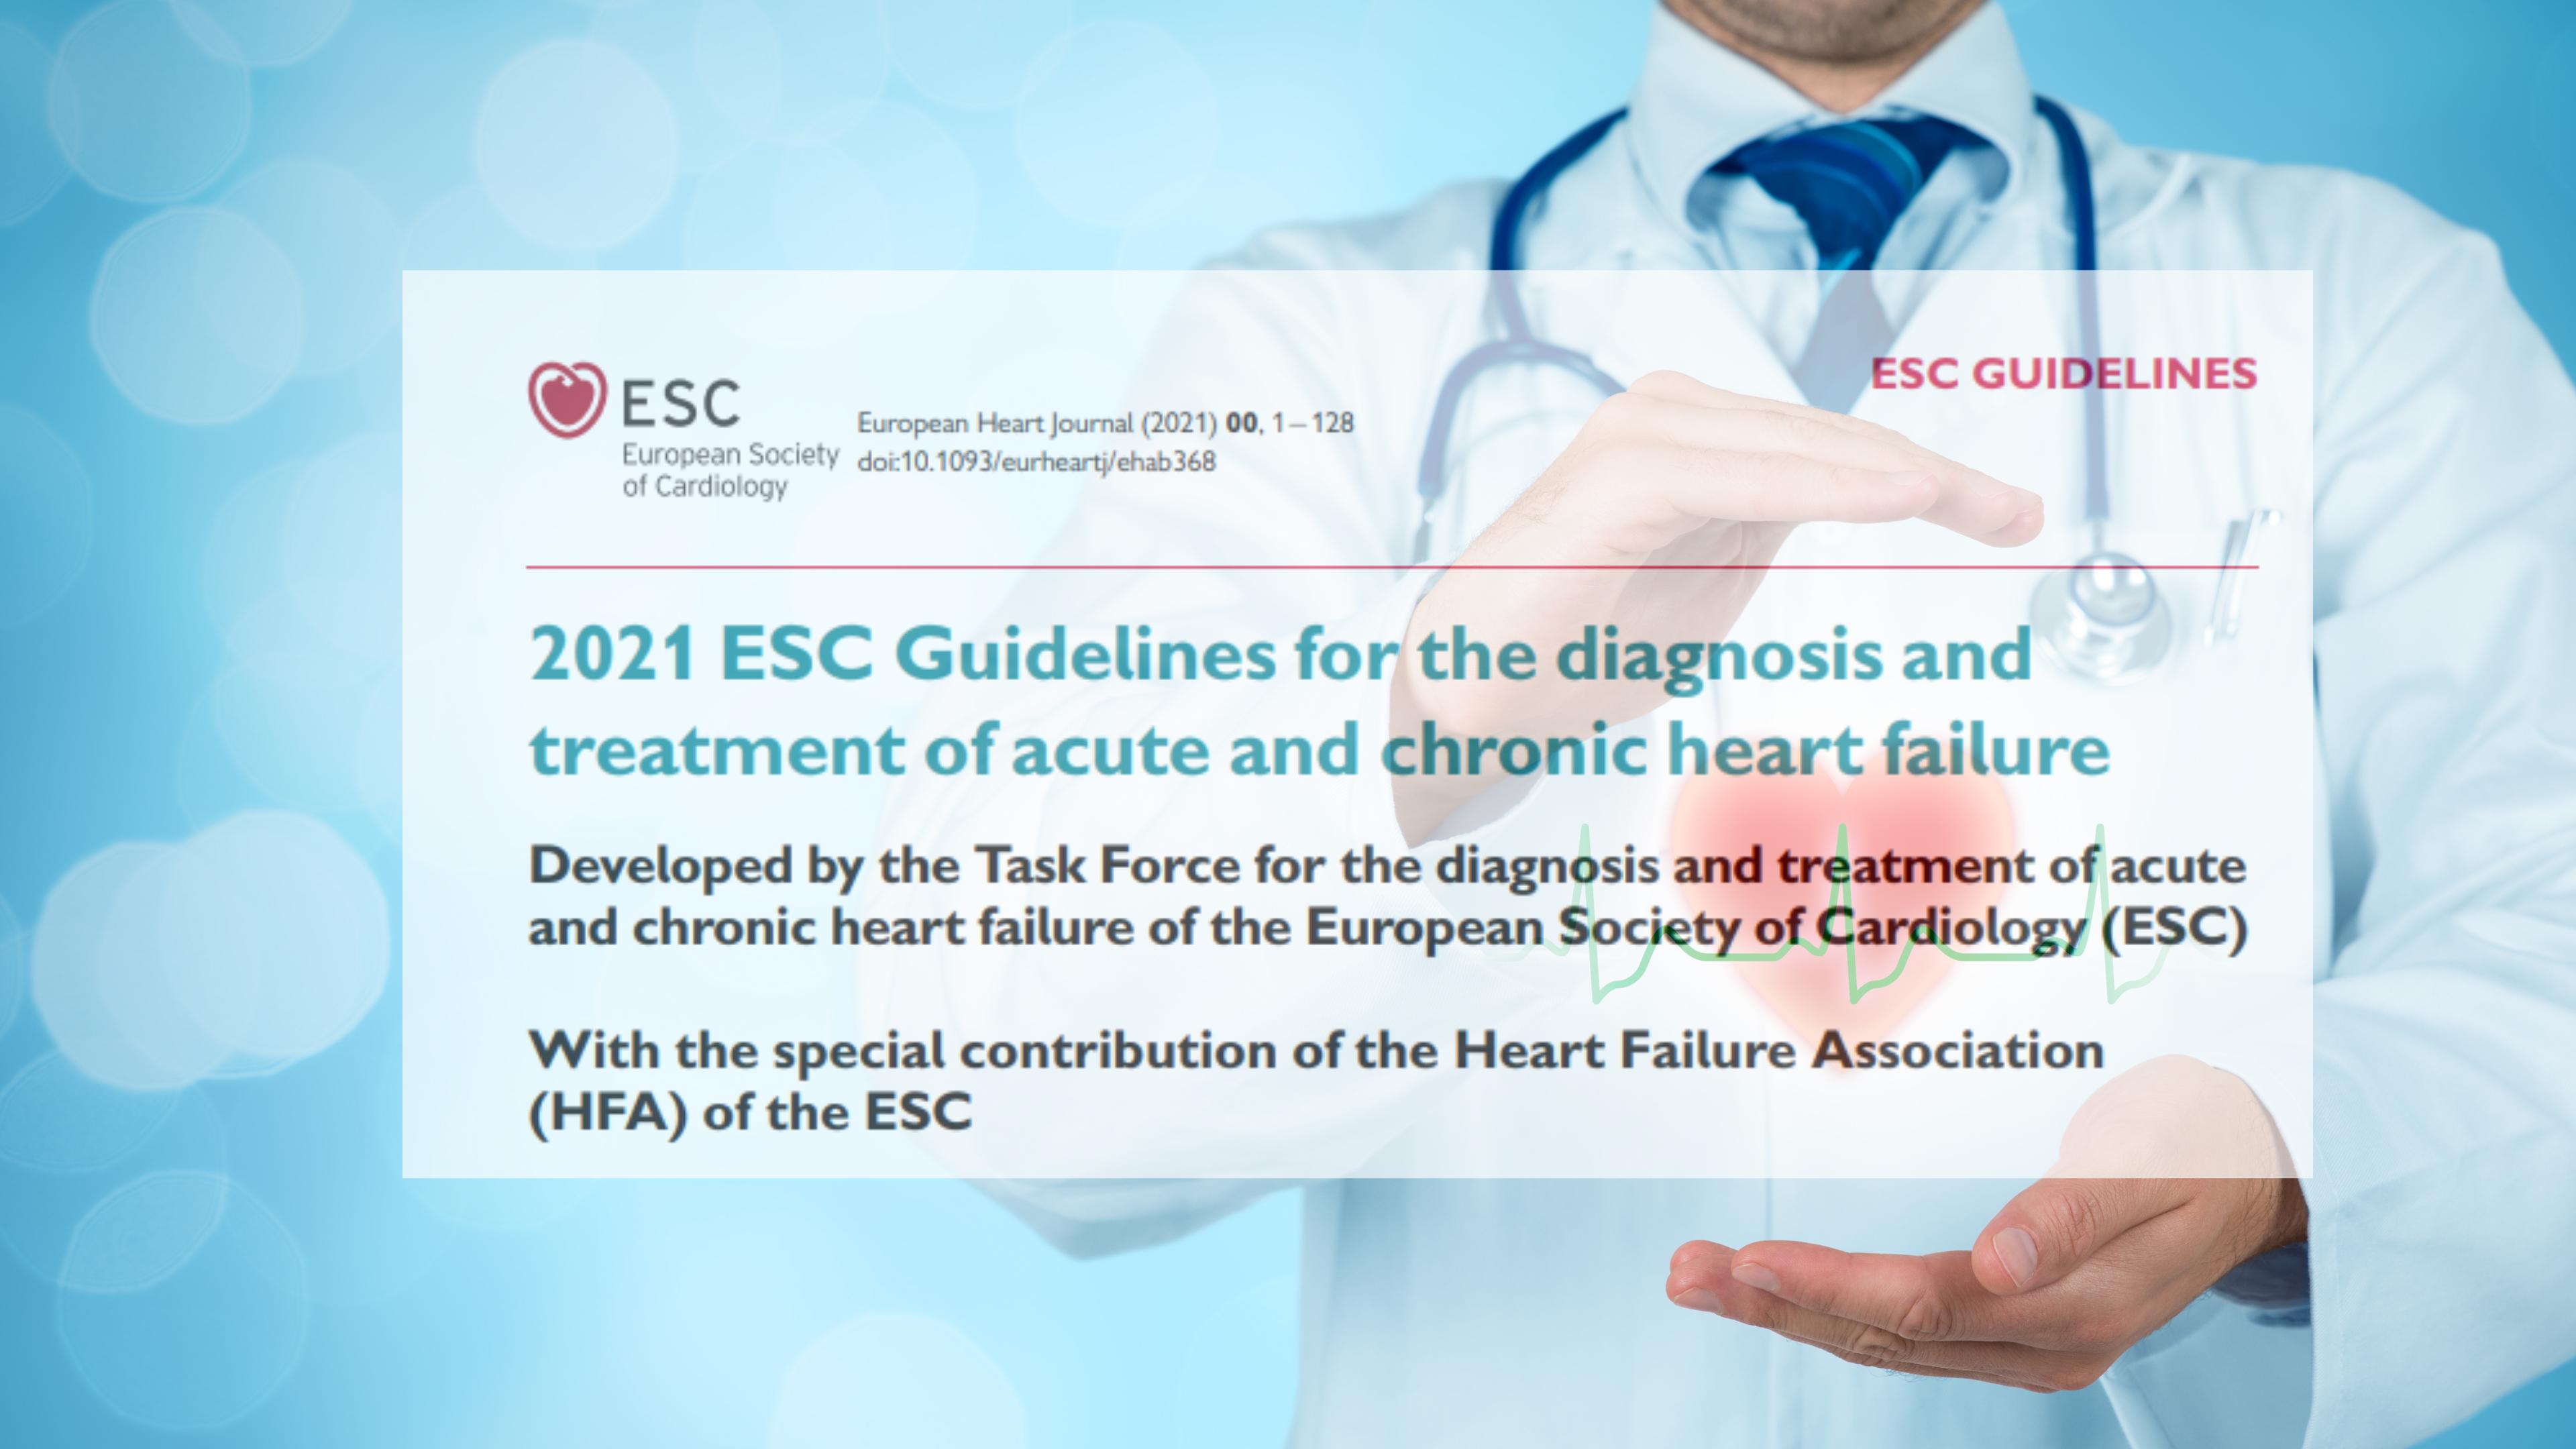 Nueva Guía de Insuficiencia cardíaca ESC 2021